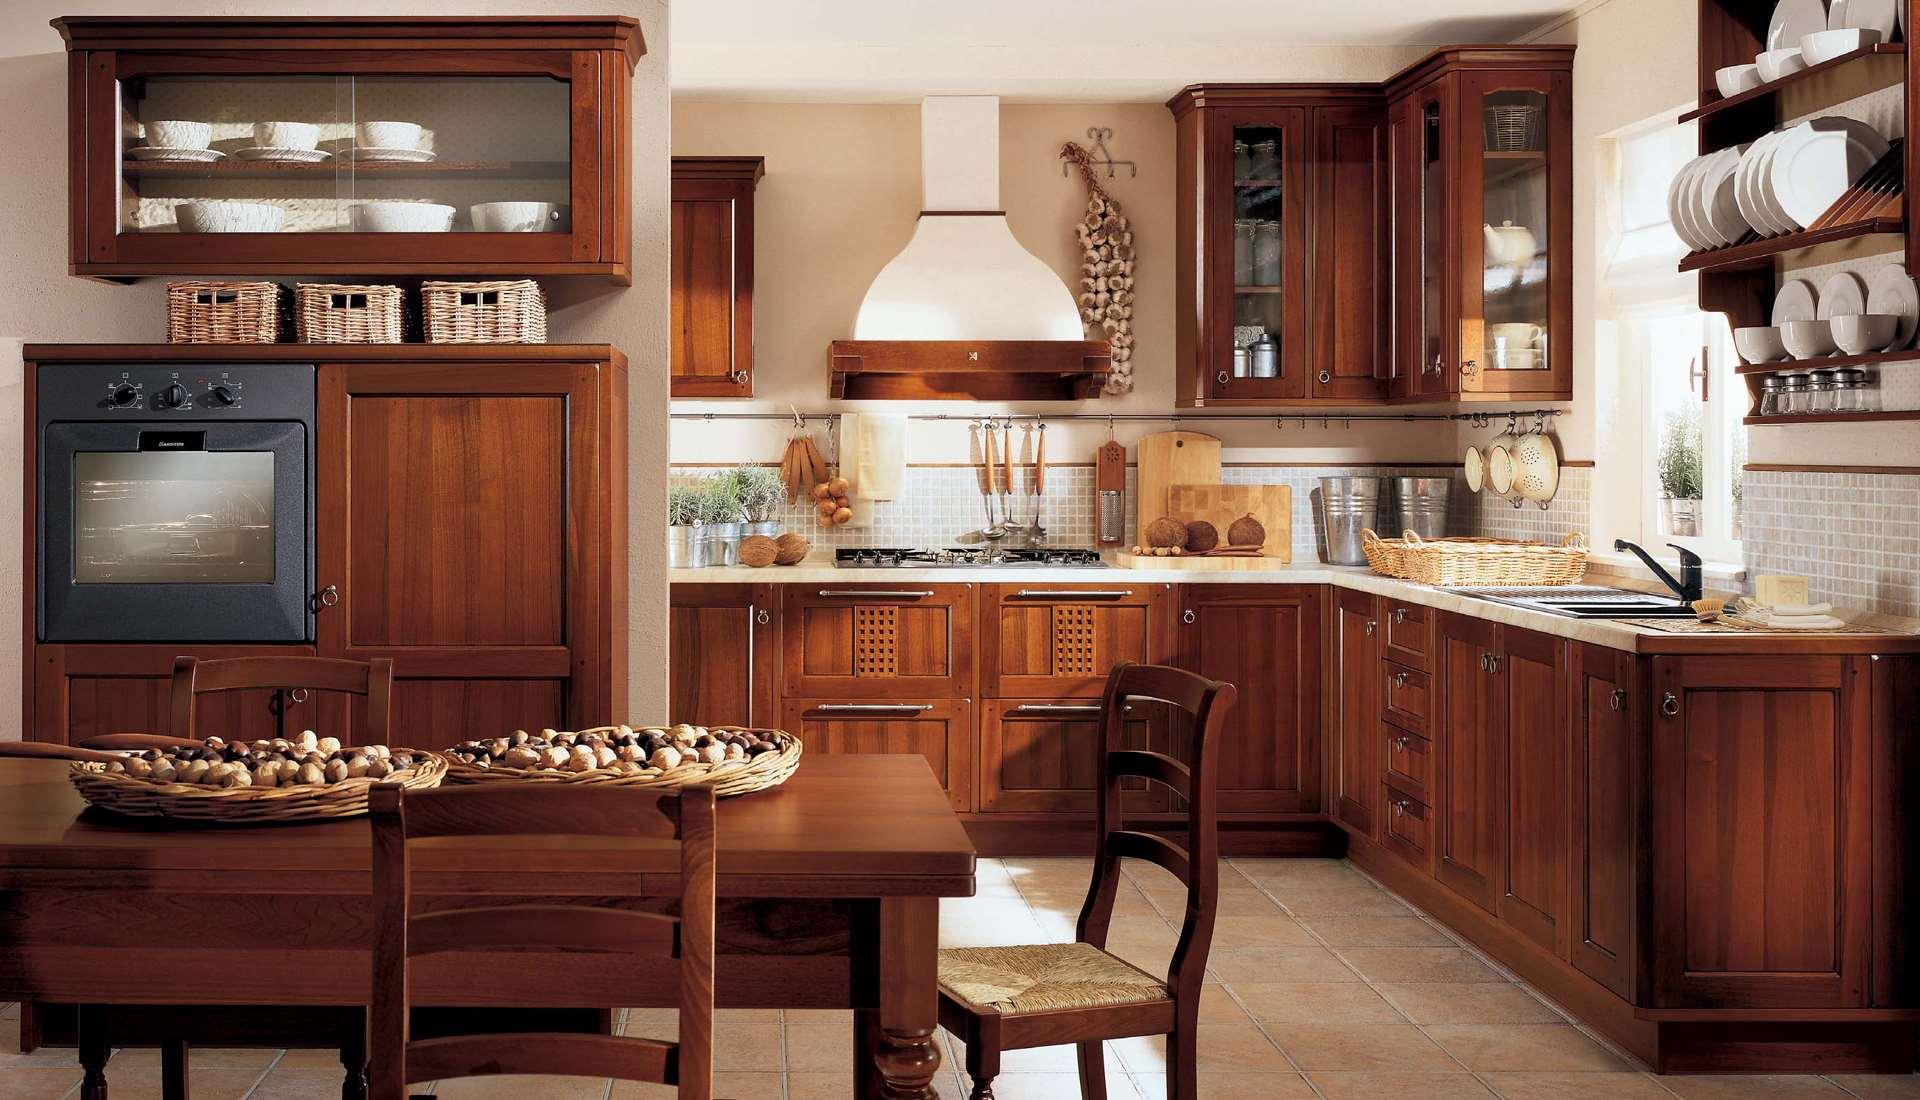 cucine classiche mariano cucine arredamenti su misura corigliano d'otranto